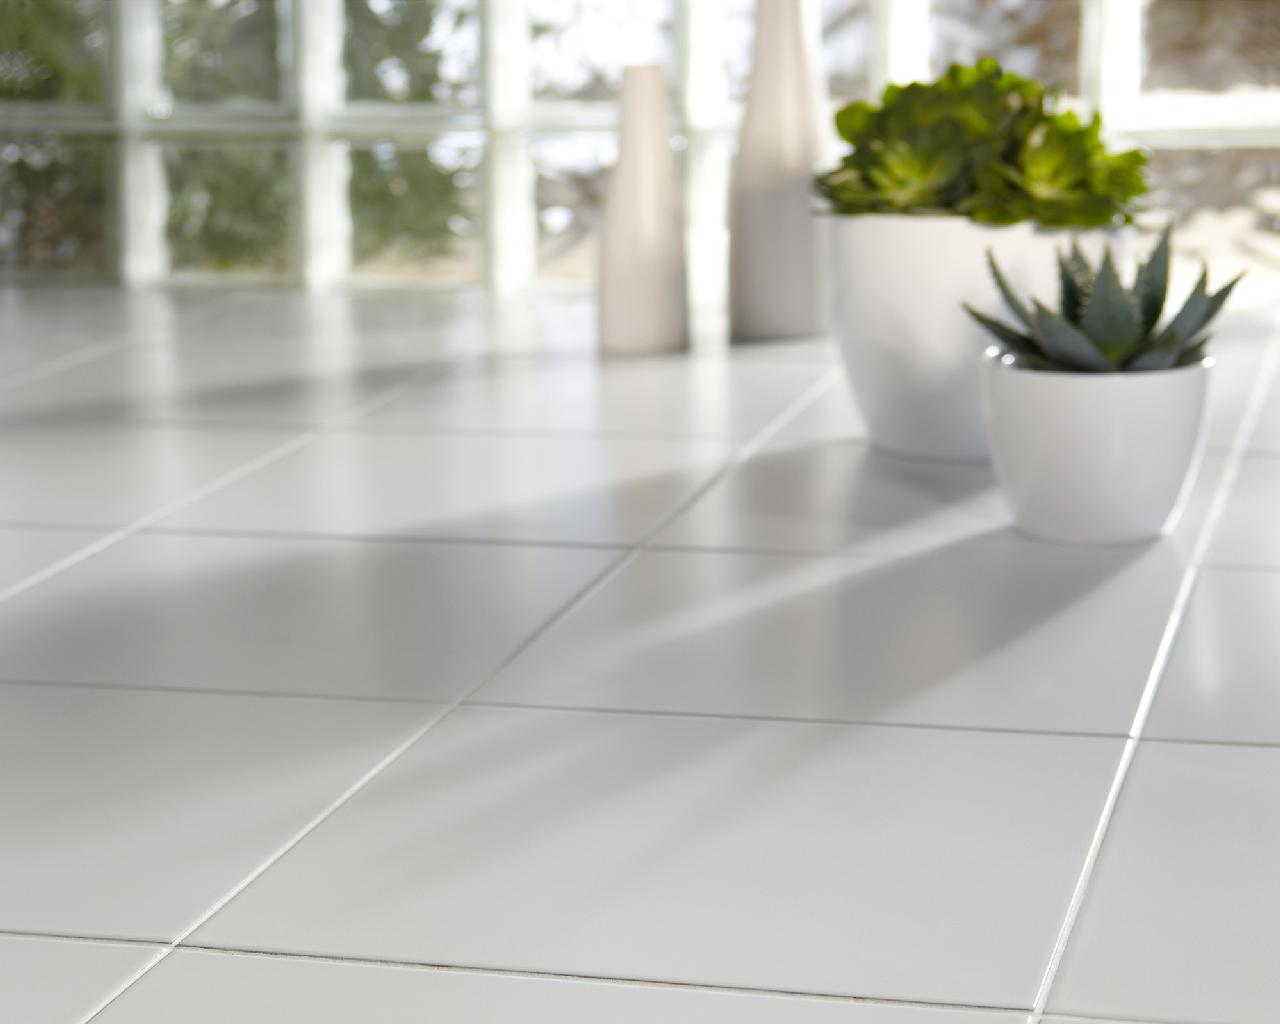 Plain white 20x20 Floor